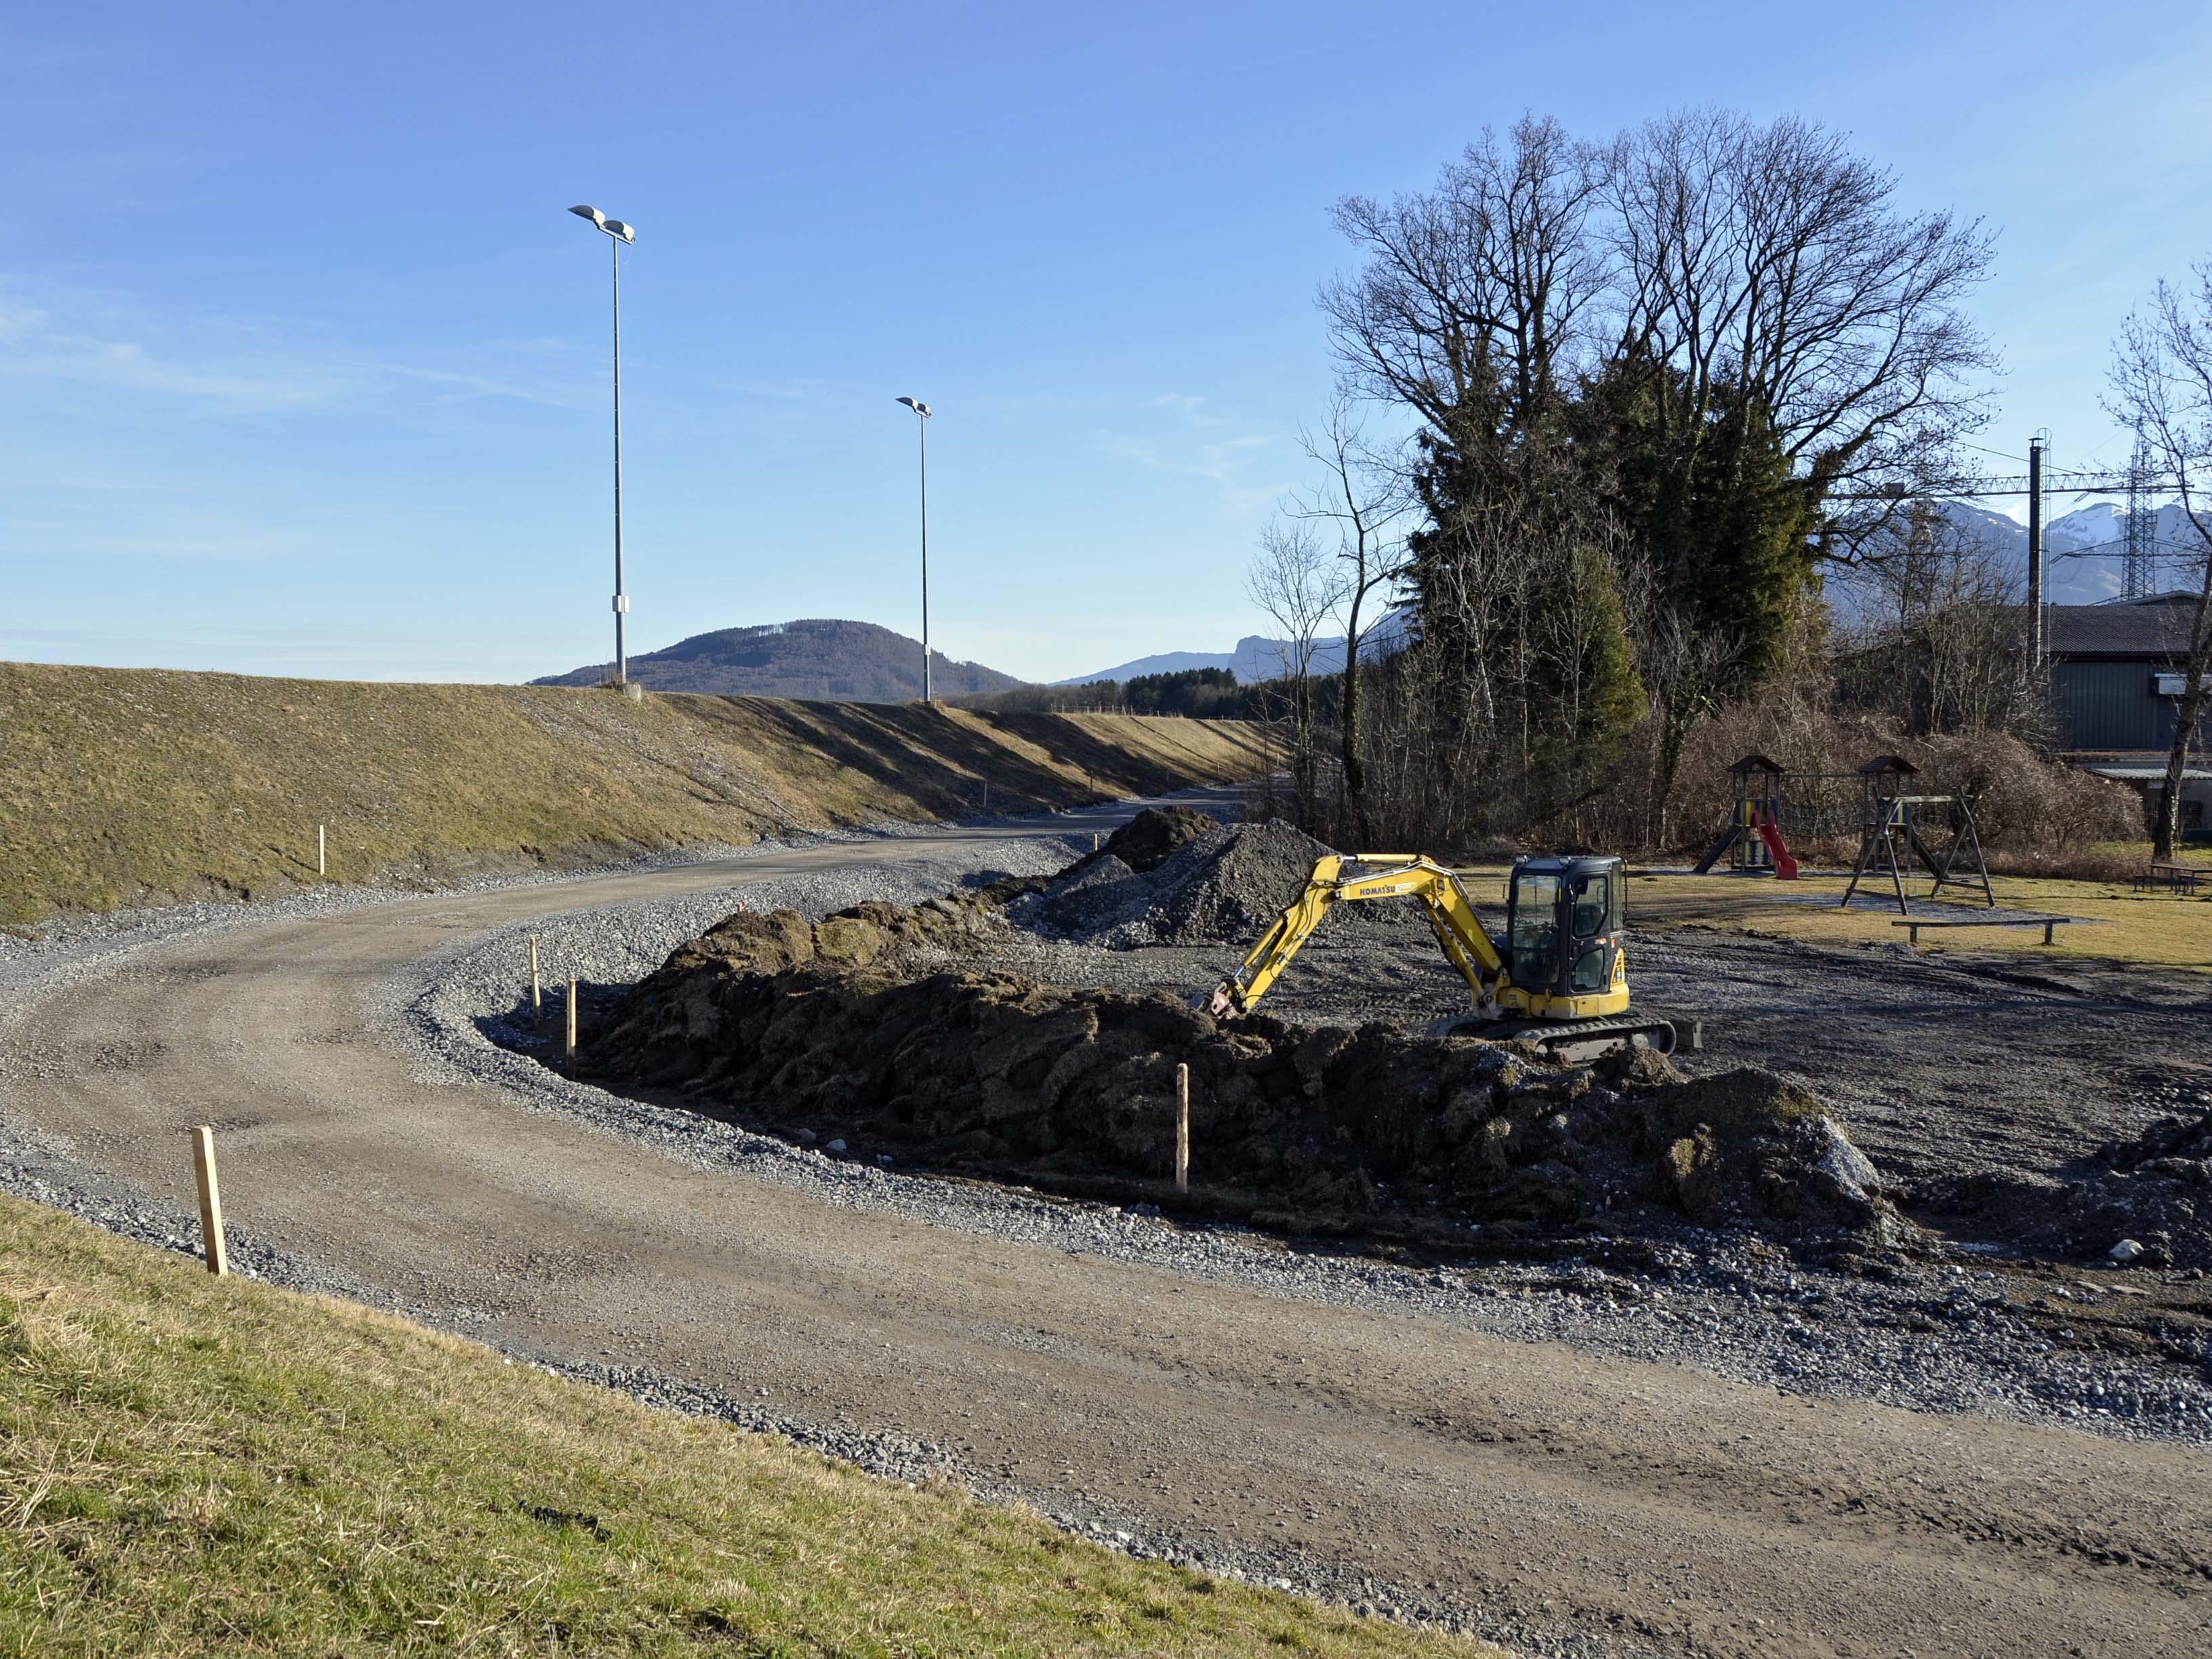 Auf der rechten Rheinseite, zwischen Fußballplatz und Frutz, wird eine Interventionspiste gebaut.